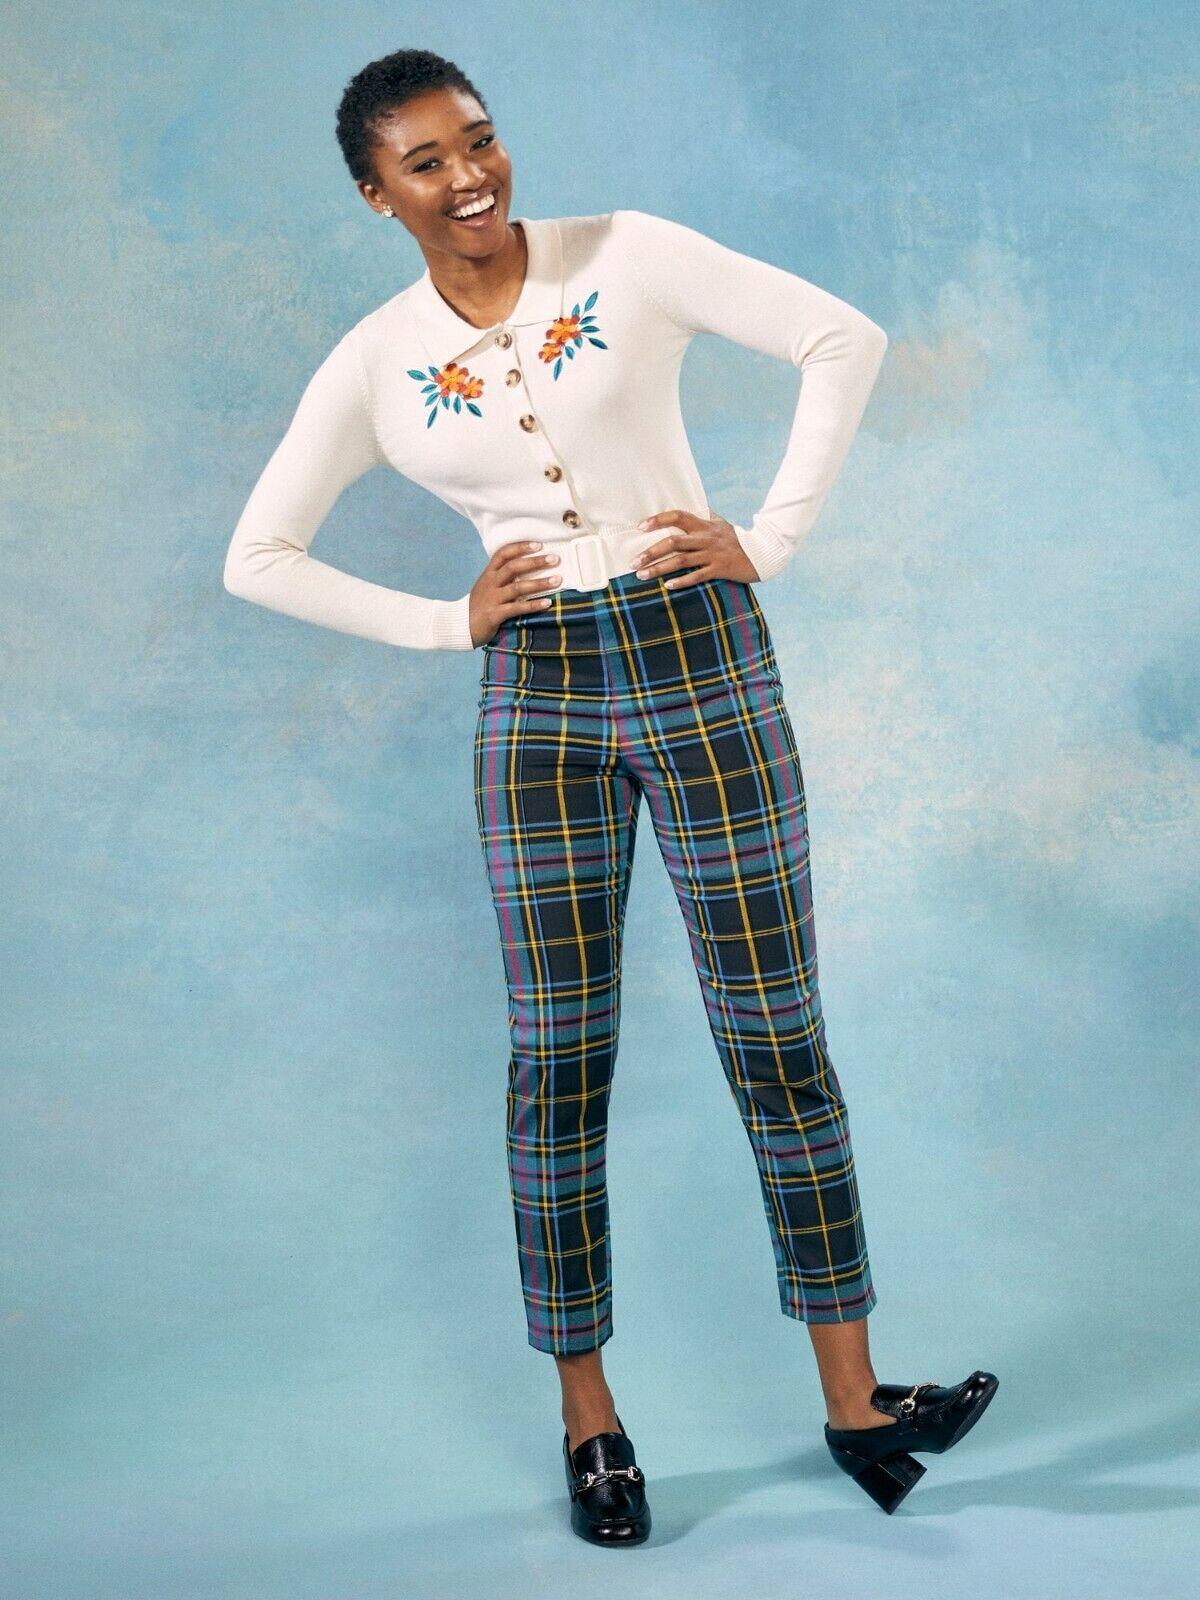 Collectif x Modcloth Bonnie Scholar Check Trousers Size 8 (XS)